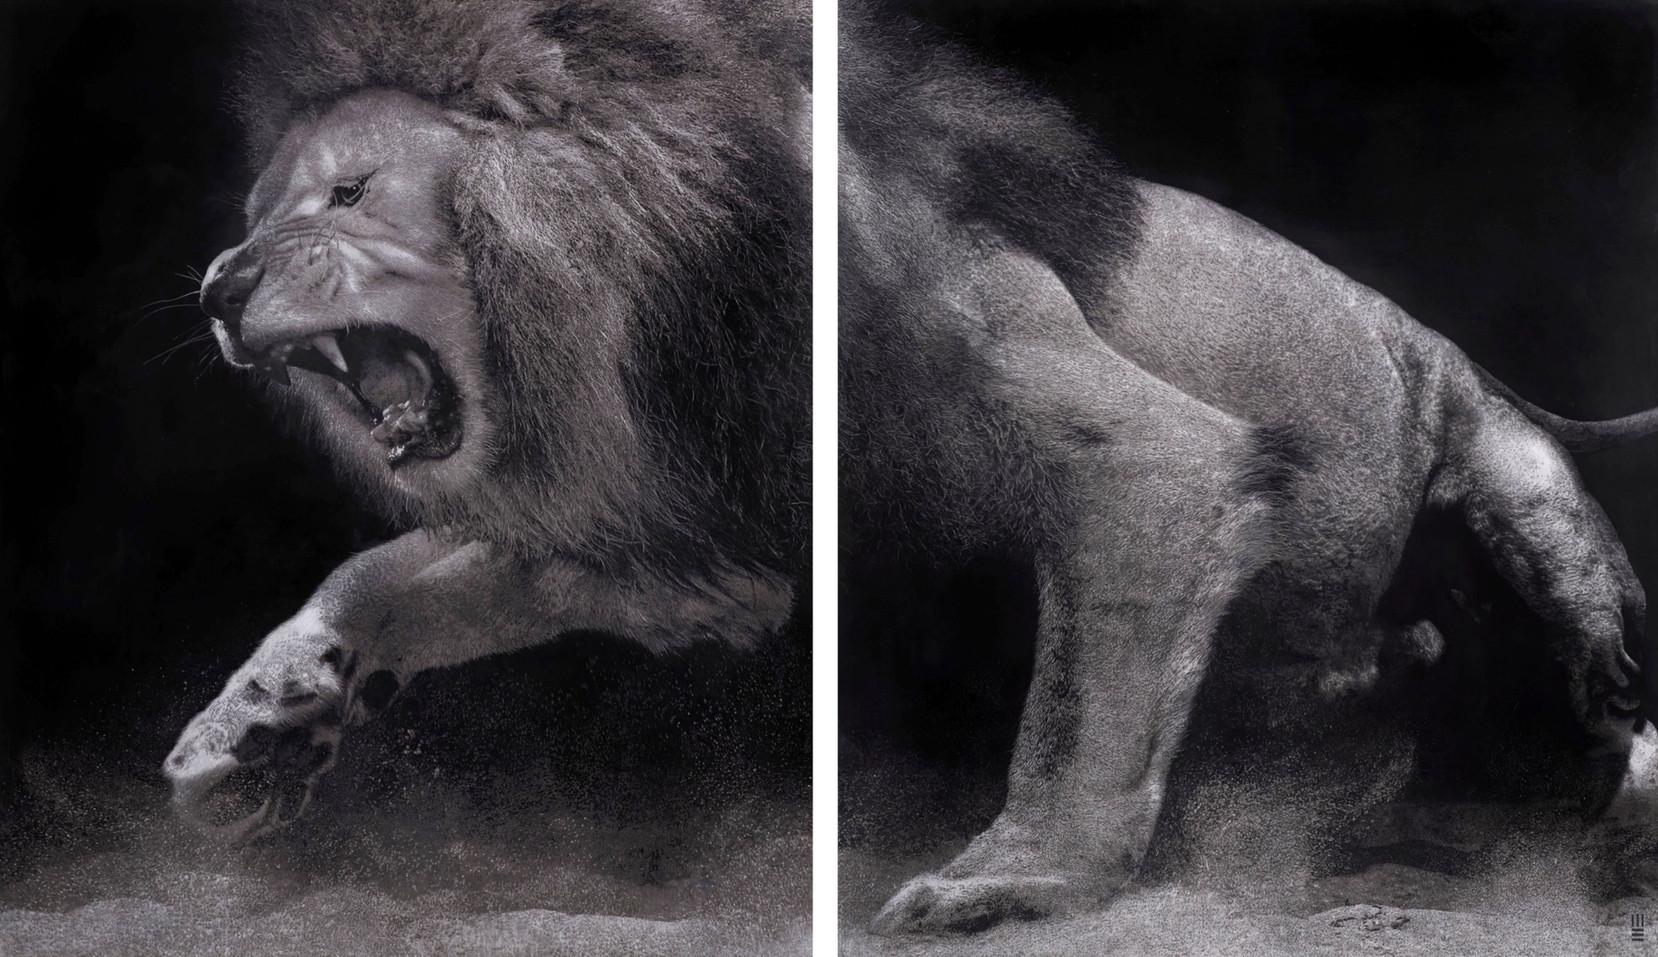 Mark Evans lion interior mural art